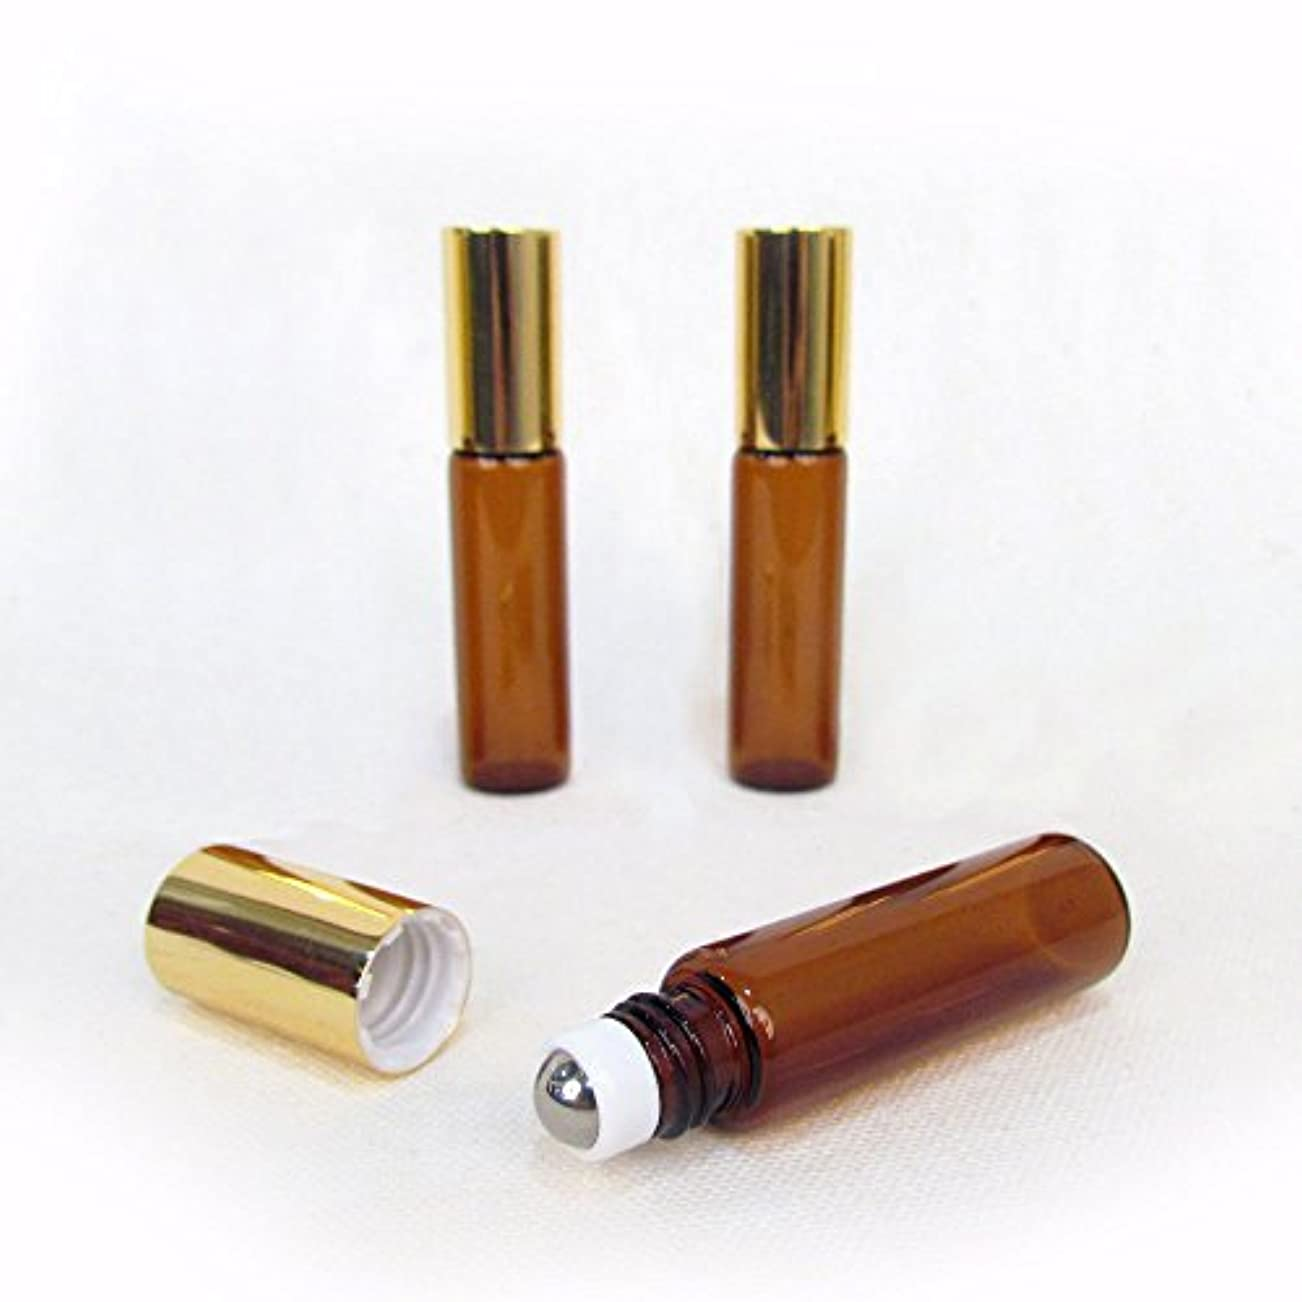 イヤホンスーツケース気味の悪いSet of 3-5ml Brown Amber Glass Roll On Bottle With Stainless Steel Ball for Essential Oils by Rivertree Life [並行輸入品]